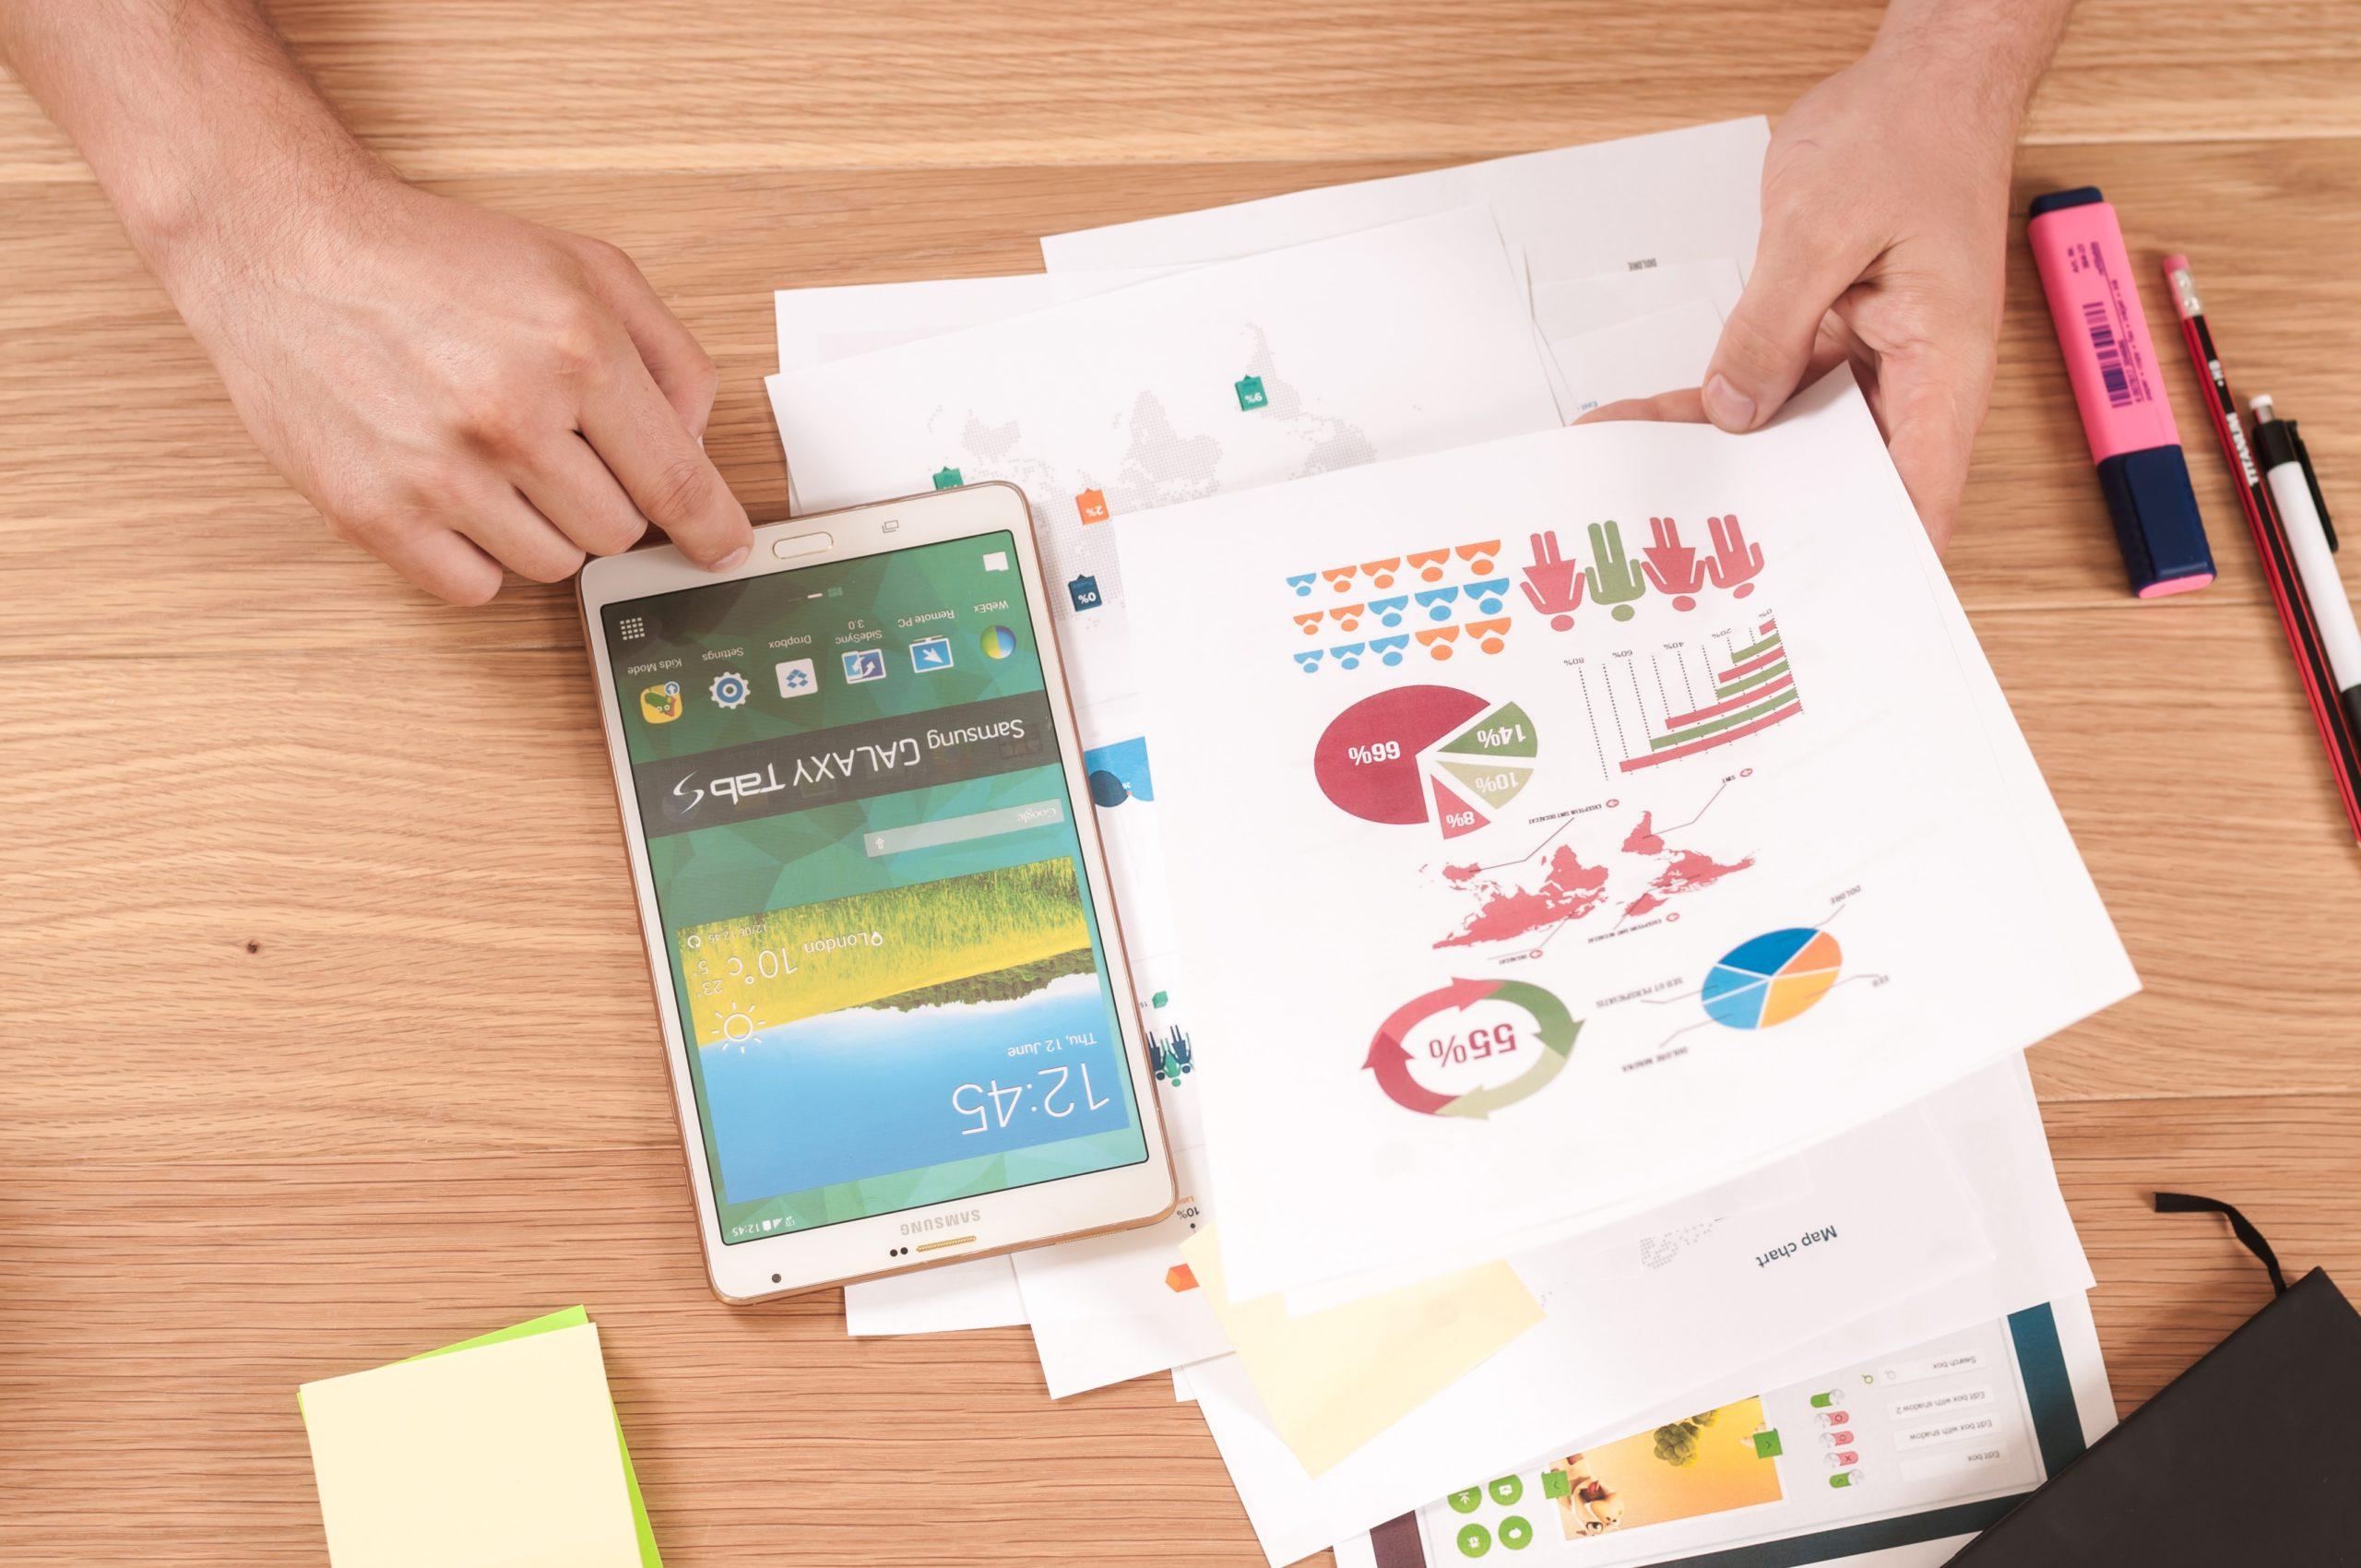 pourquoi et comment utiliser etudes quantitatives objectifs strategie marketng